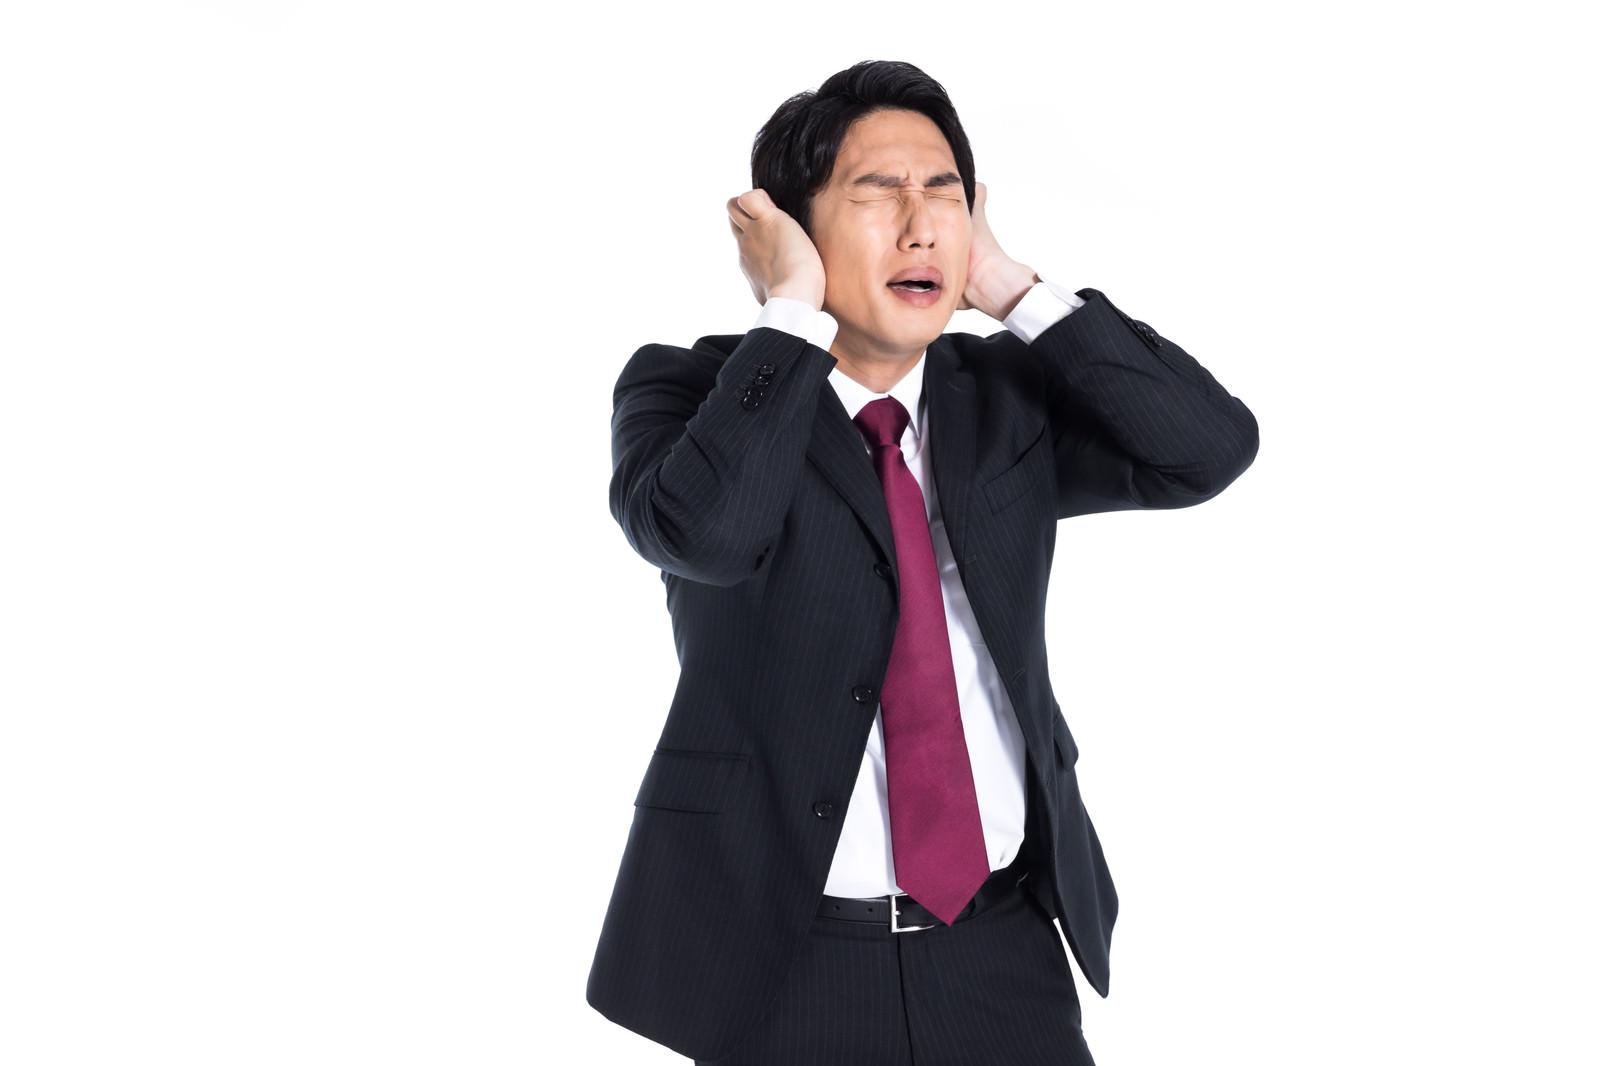 「炎上対応に追われるSNSアカウント担当者」の写真[モデル:大川竜弥]